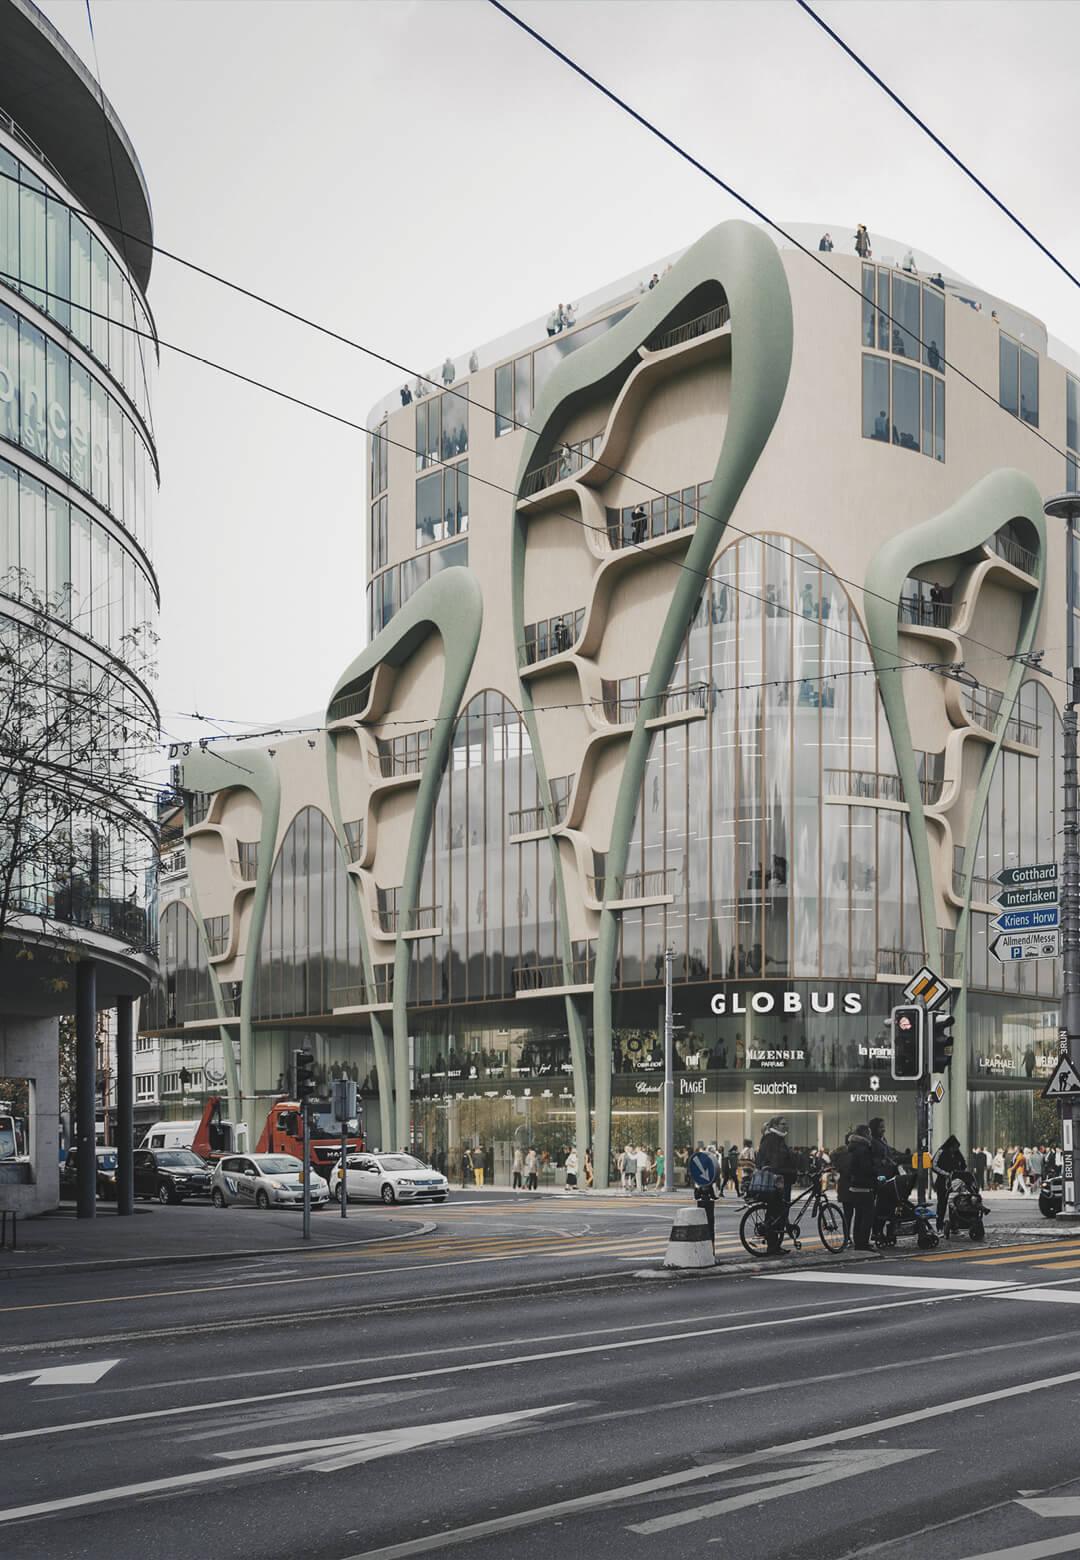 The Alpen-Akelei Haus in Lucerne, Switzerland, by SIAMAK Living Architecture | Alpen-Akelei Haus by SIAMAK Living Architecture | STIRworld